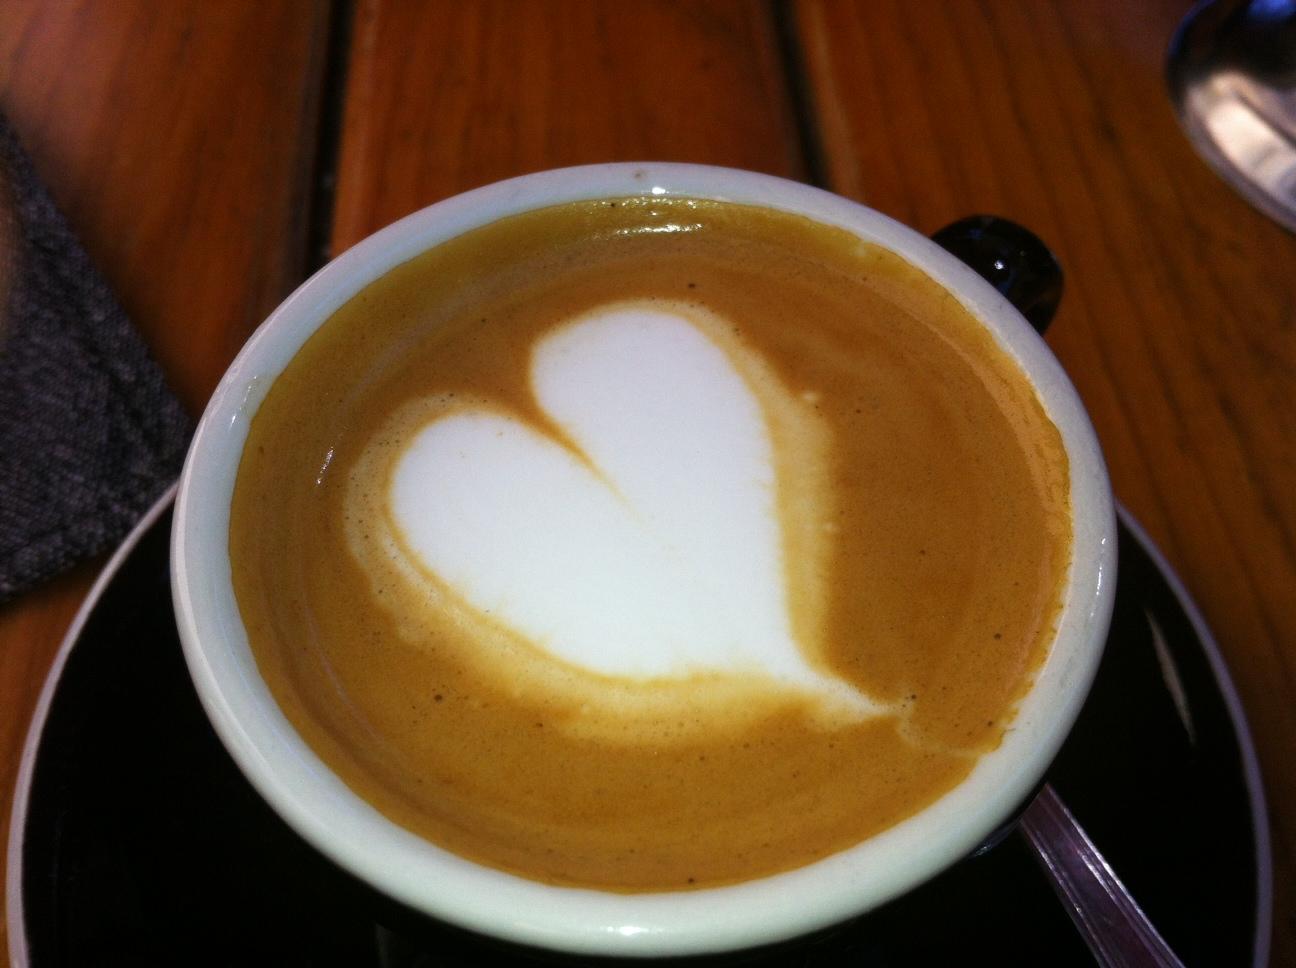 café machiatto